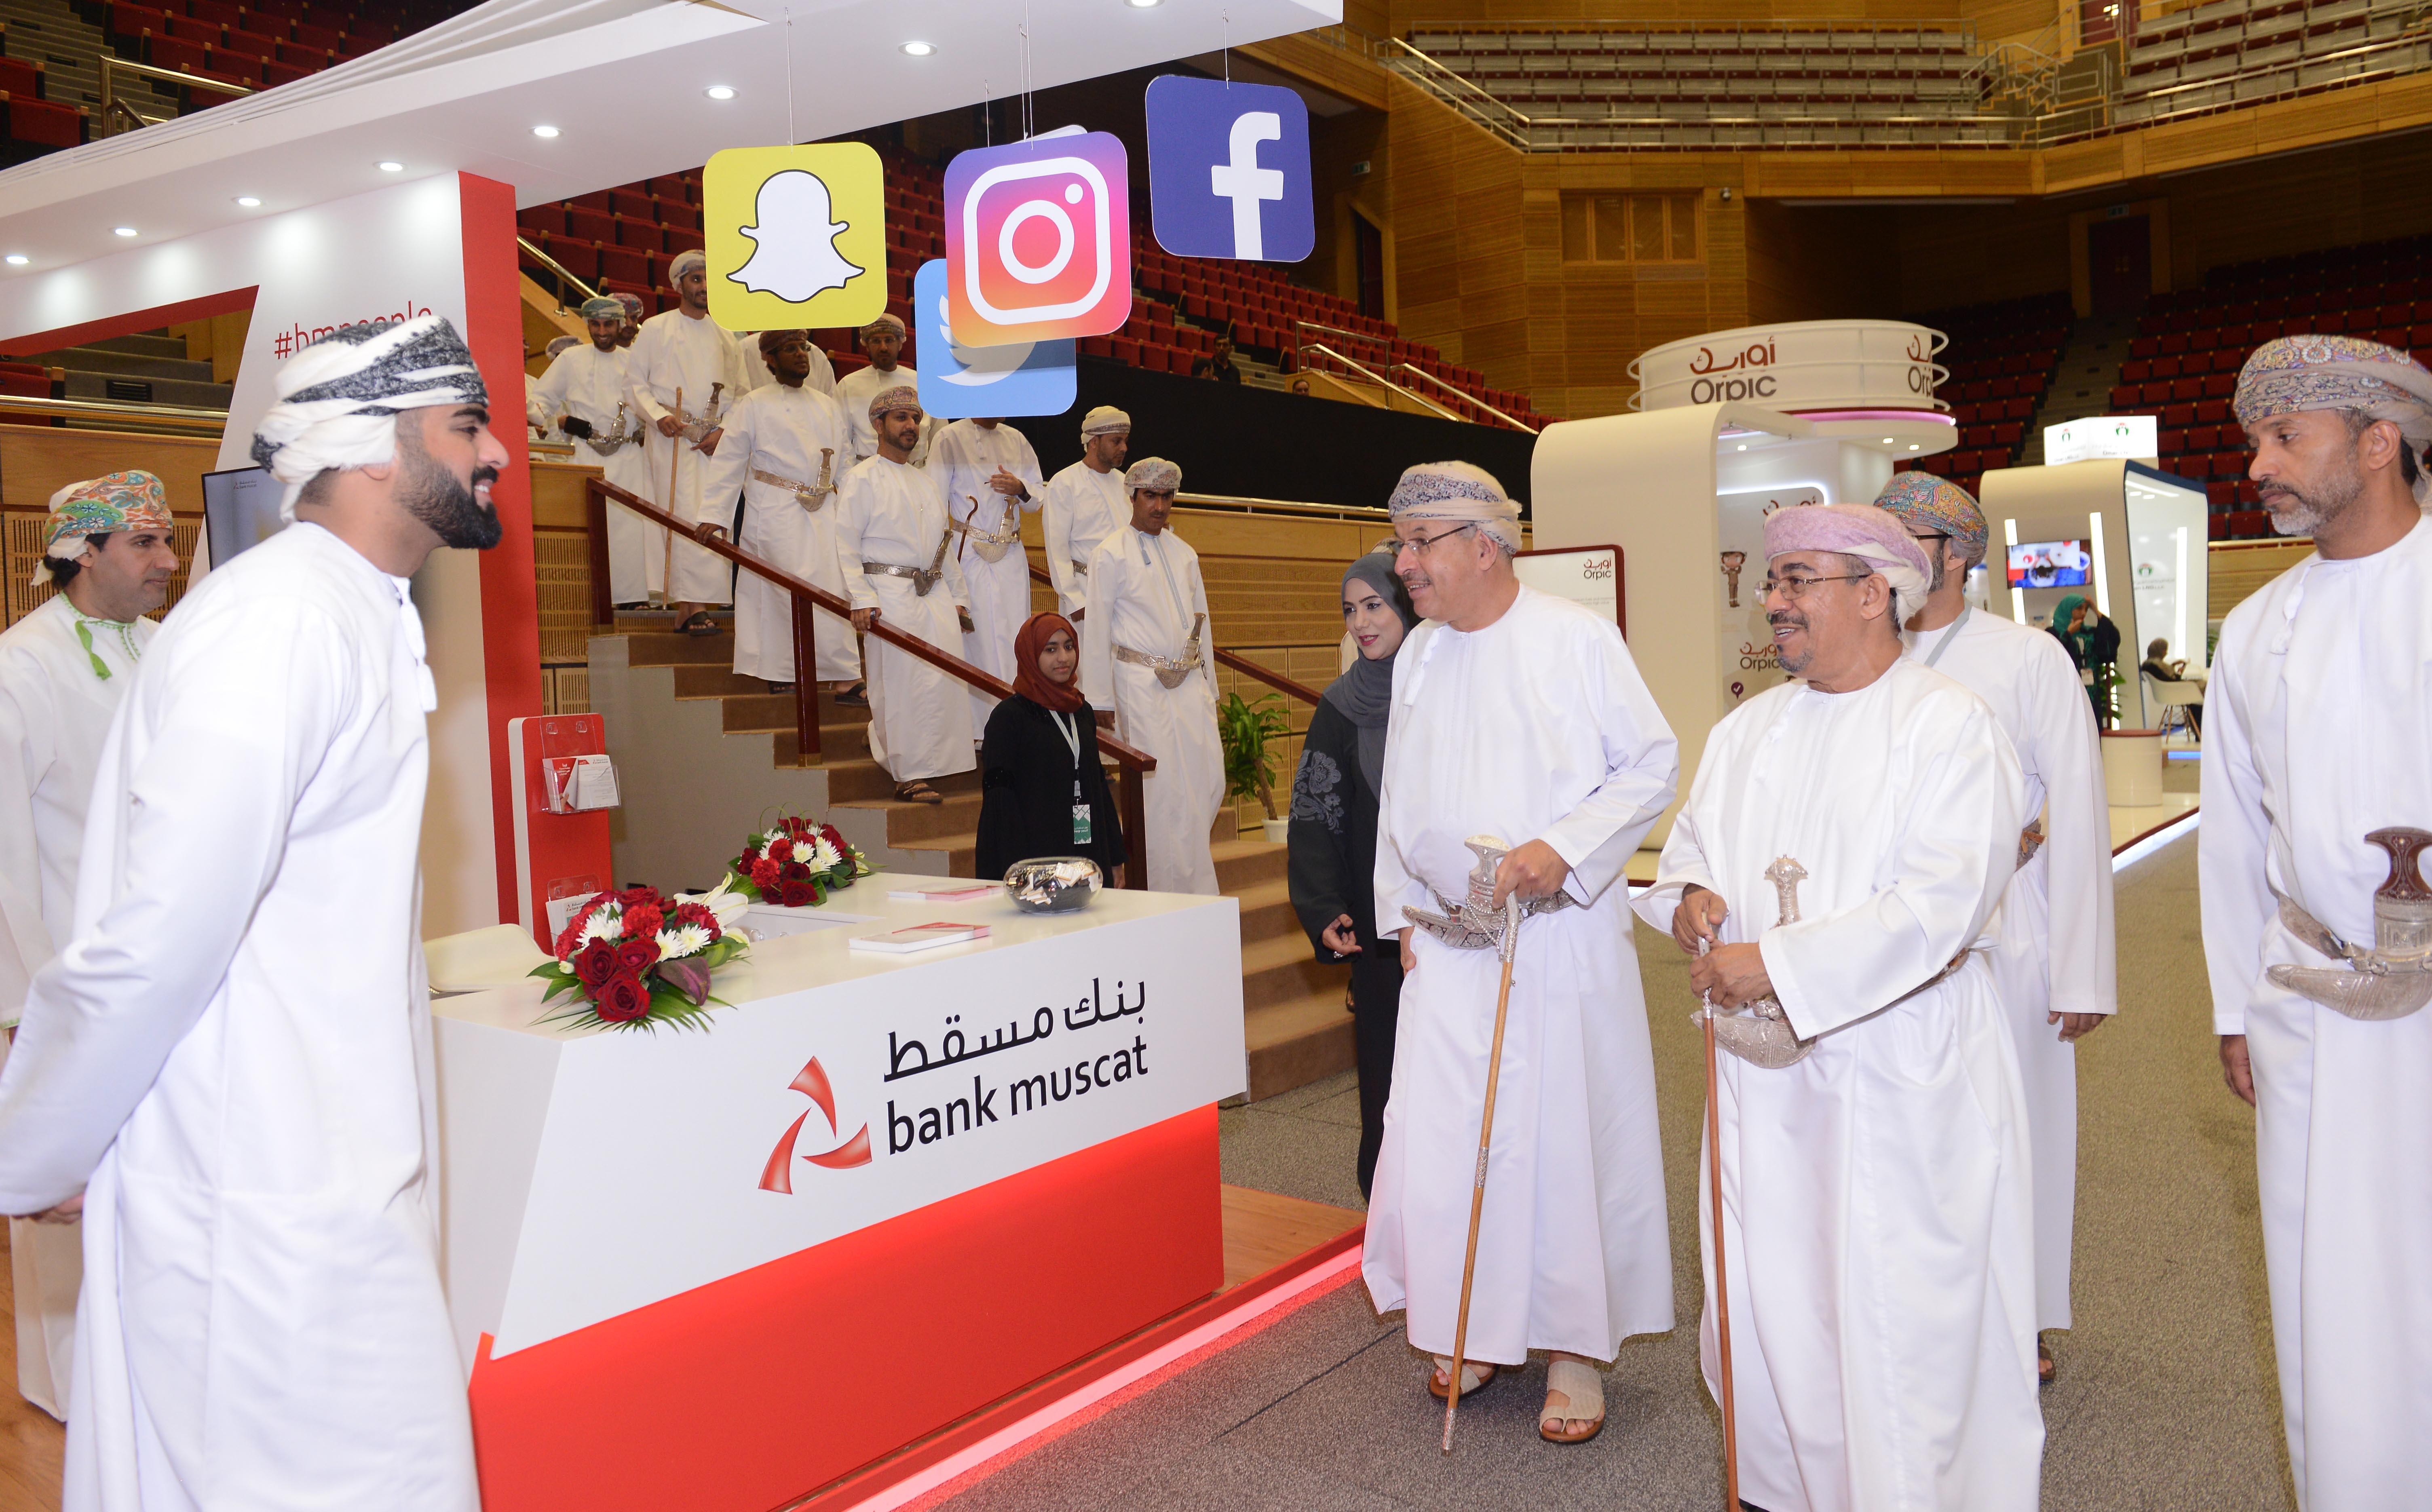 بنك مسقط يعرف طلبة وطالبات الجامعة بالفرص الوظيفية والتدريبية